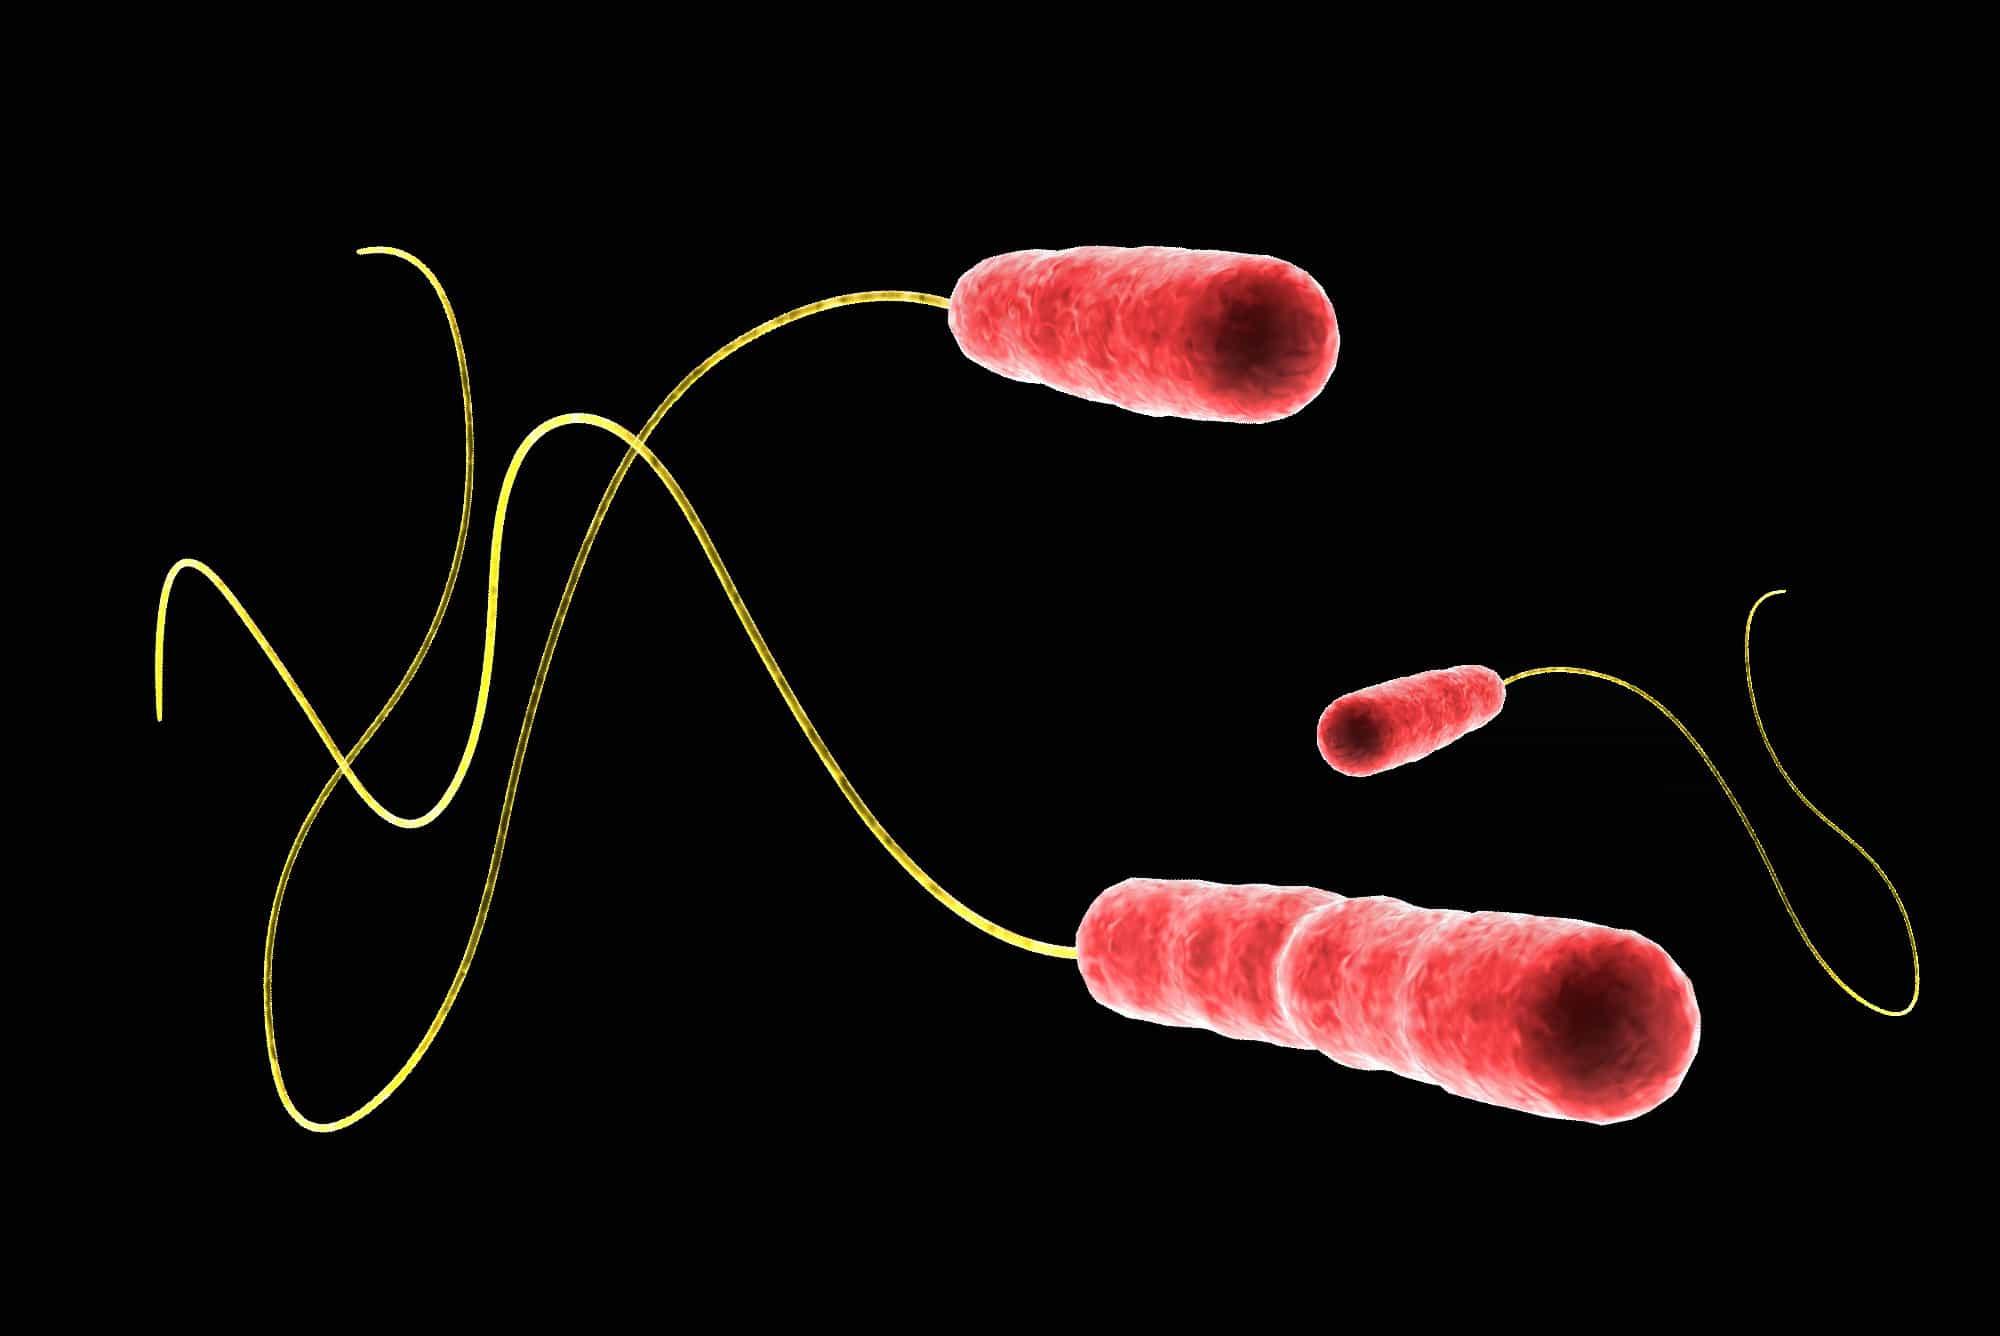 Legionellen im Wasser sind erst dann gefährlich, wenn sie über den feinen Nebel der Wassertröpfchen eingeatmet werden.